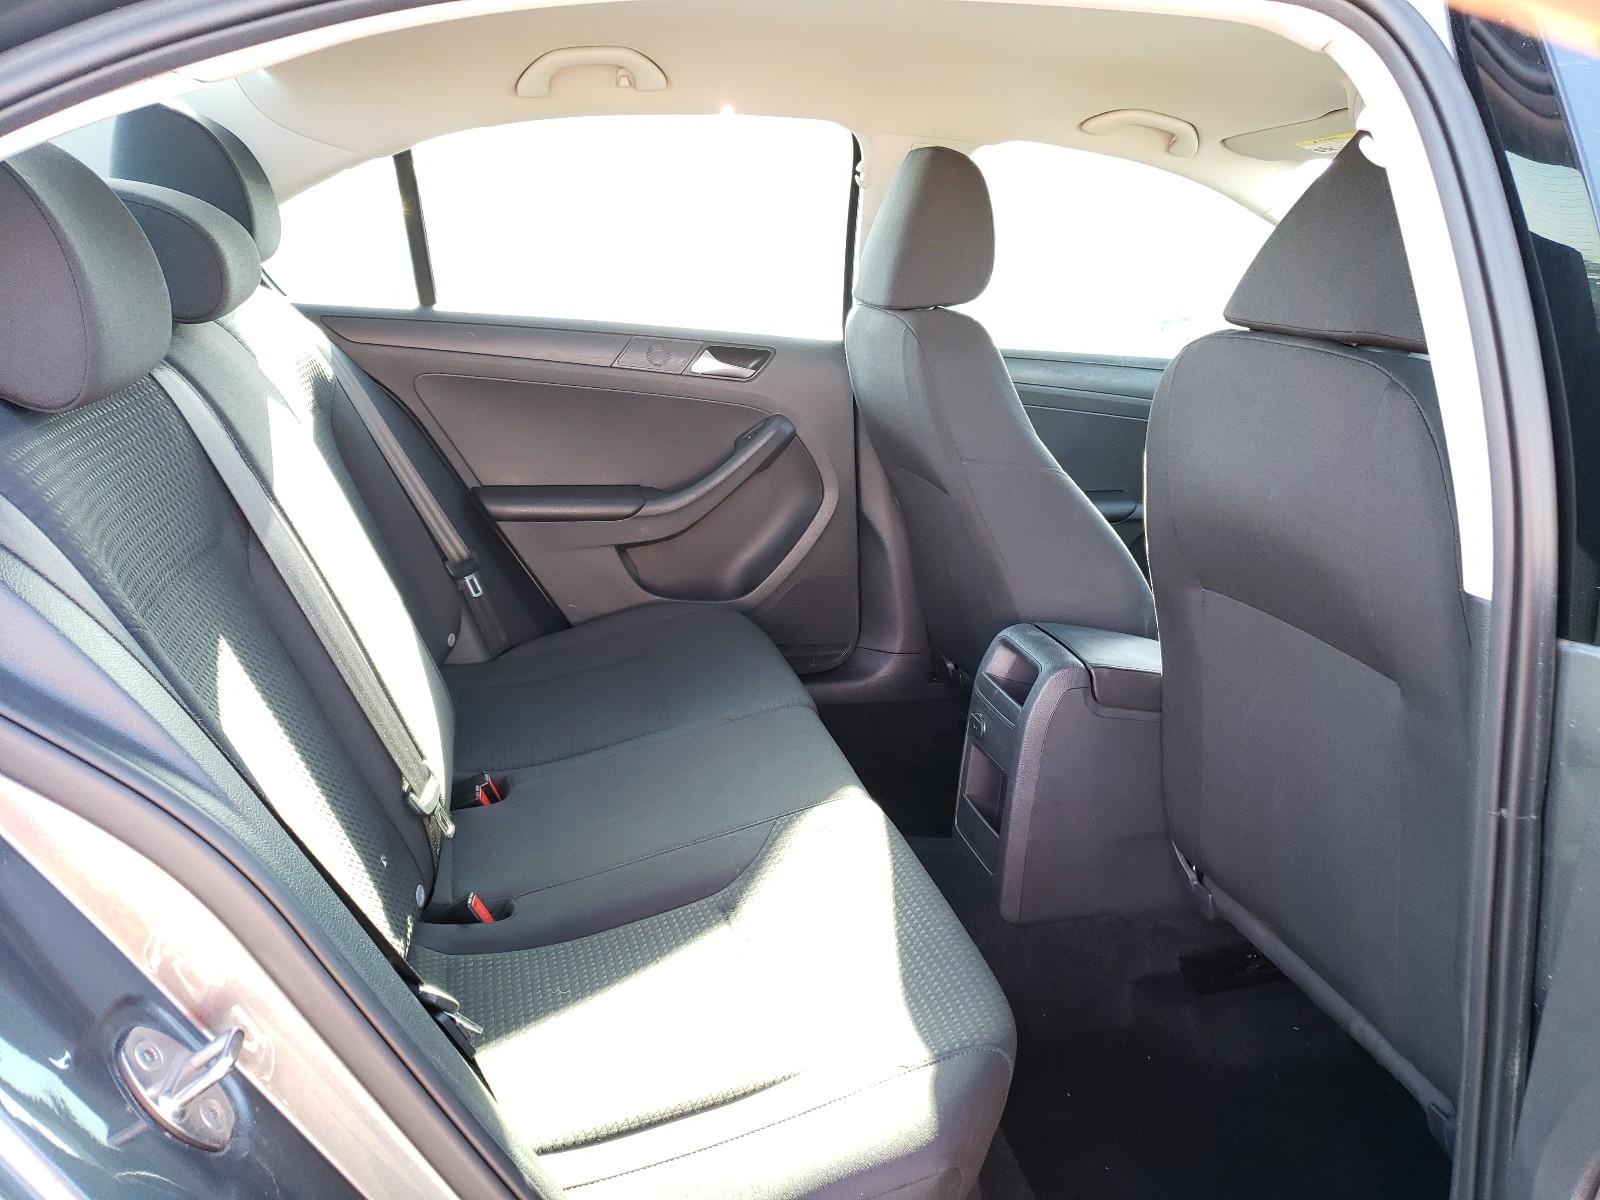 2016 Volkswagen Jetta S